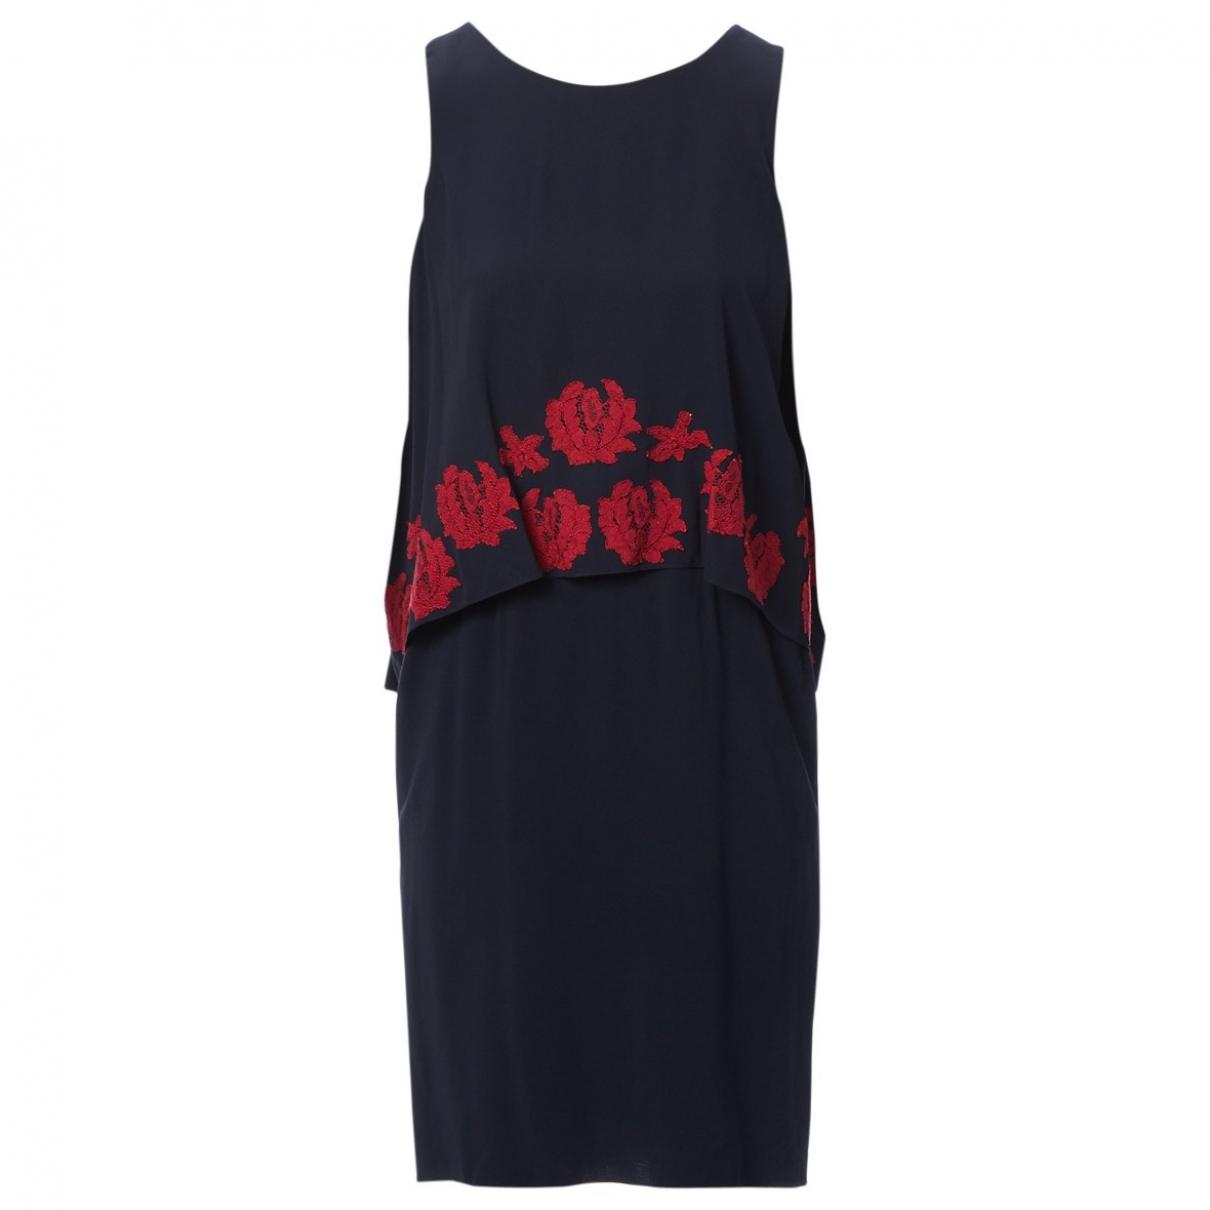 Erdem \N Navy dress for Women 10 UK